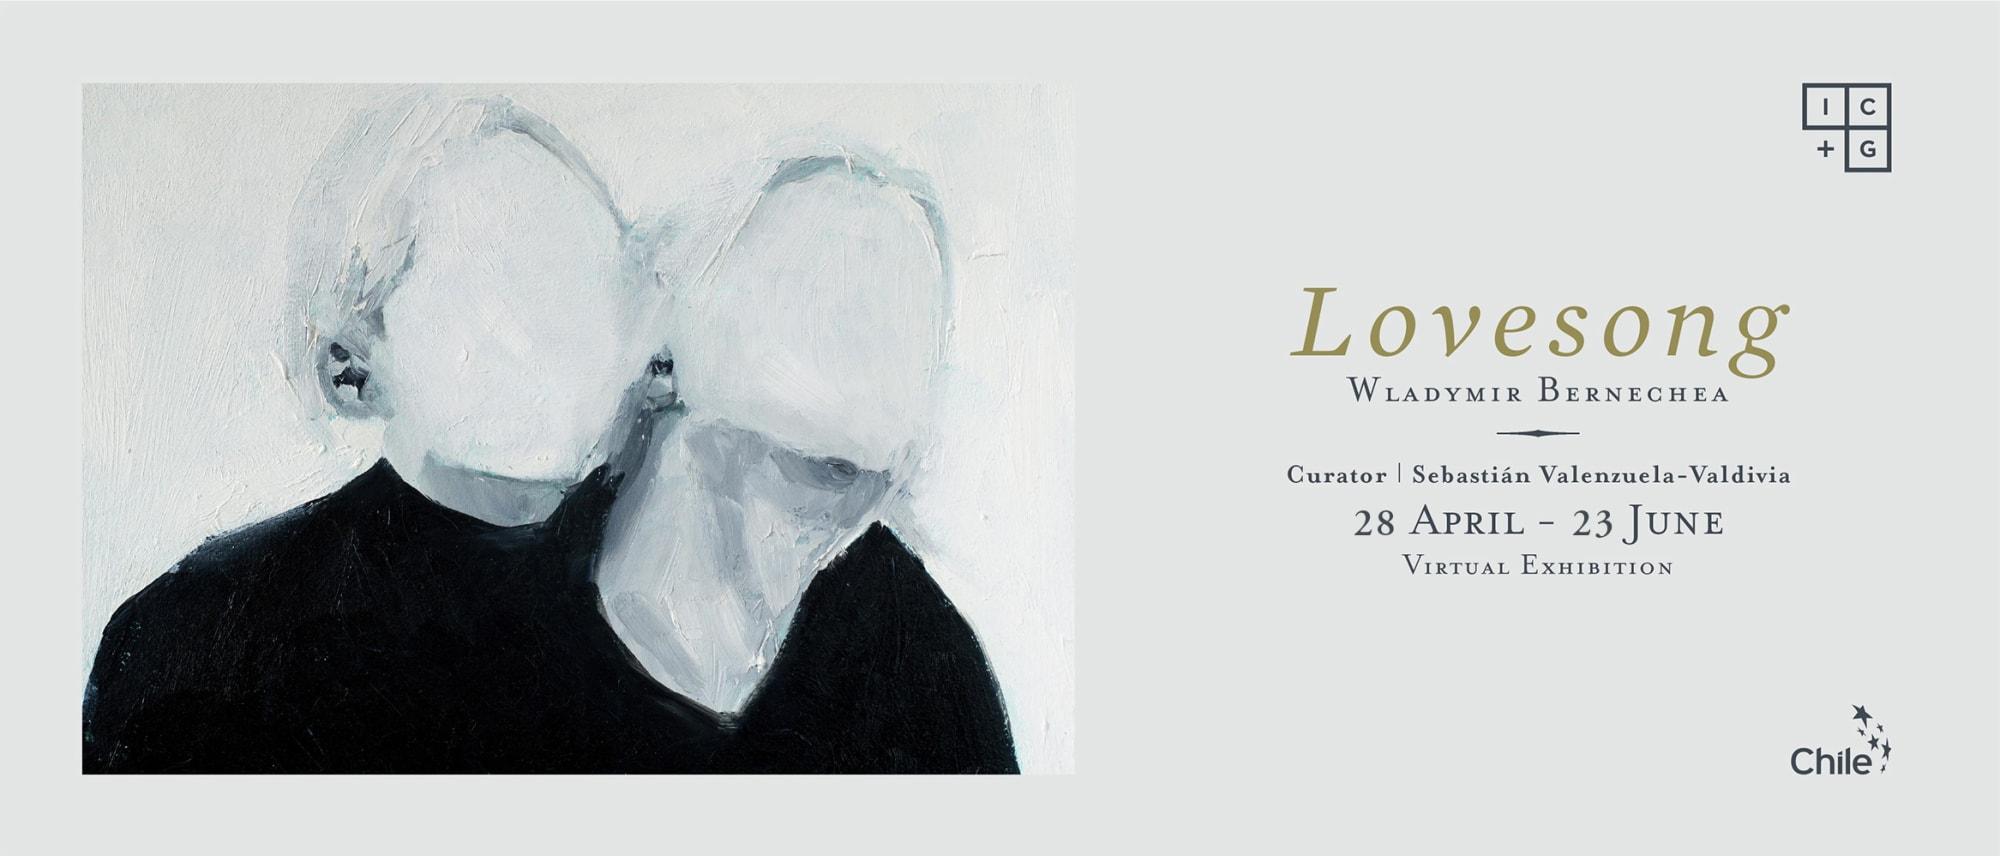 Lovesong | Wladymir Bernechea